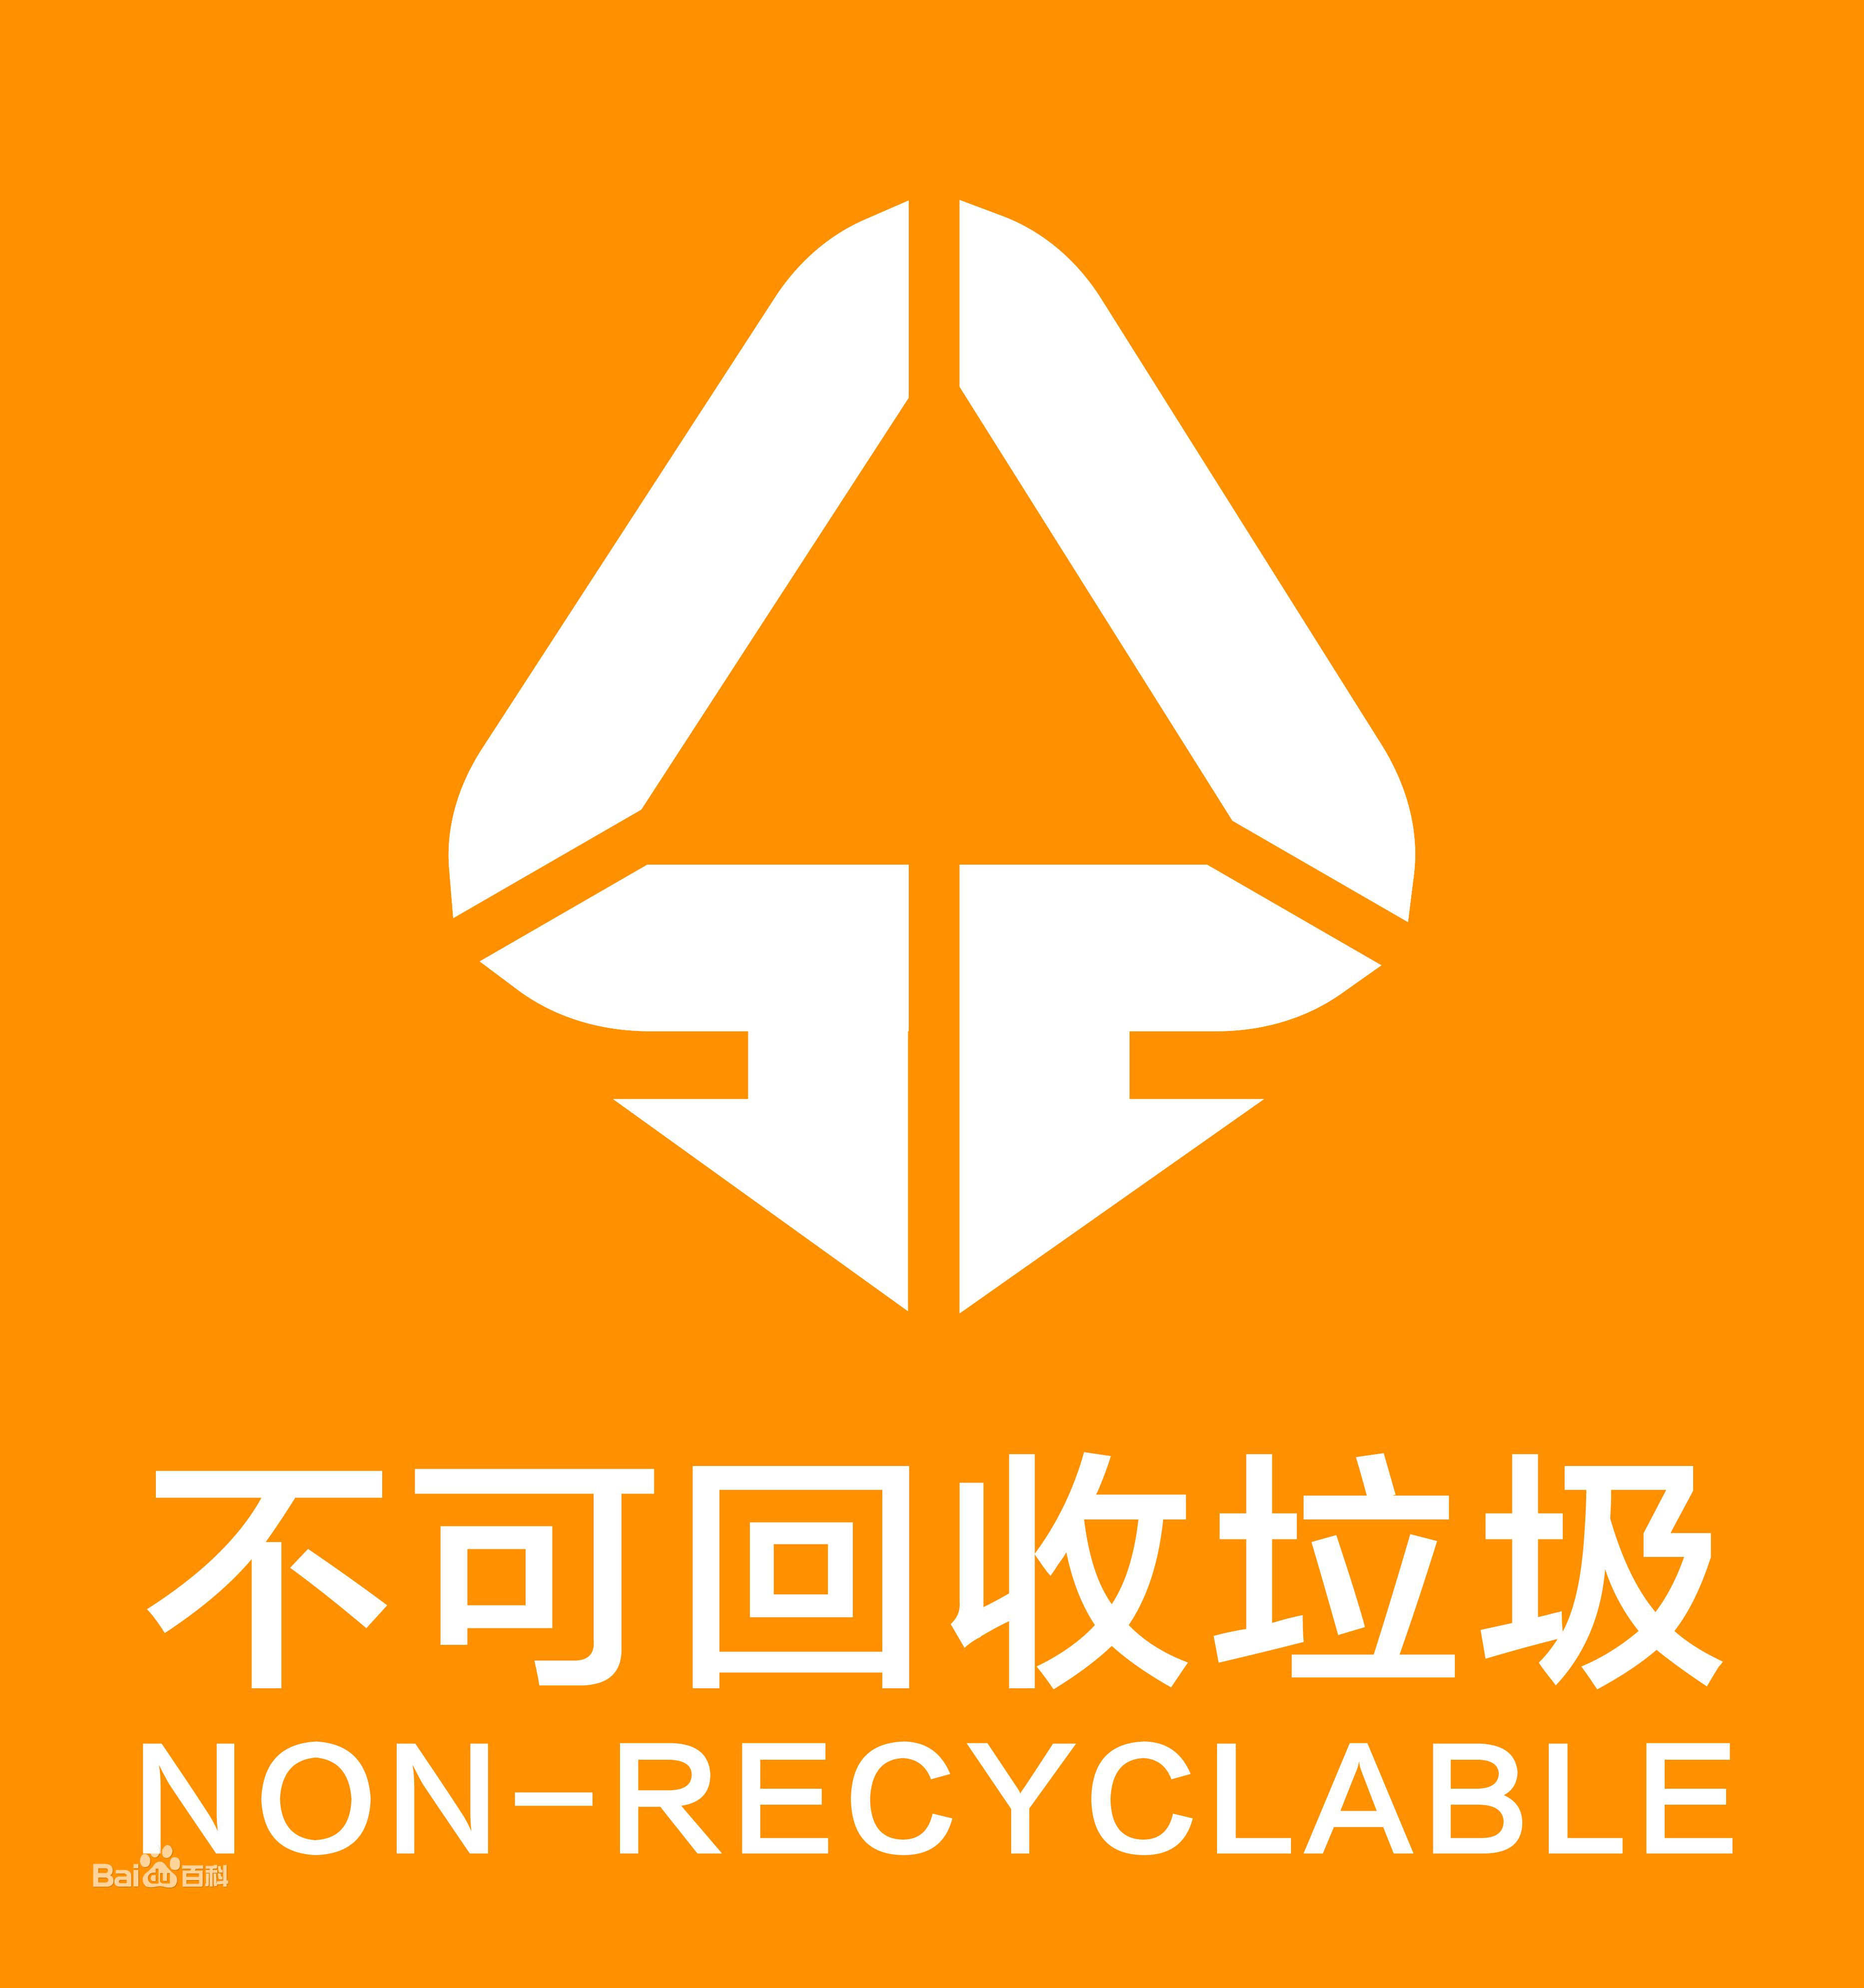 不可回收垃圾有哪些?哪些是不可回收垃圾?